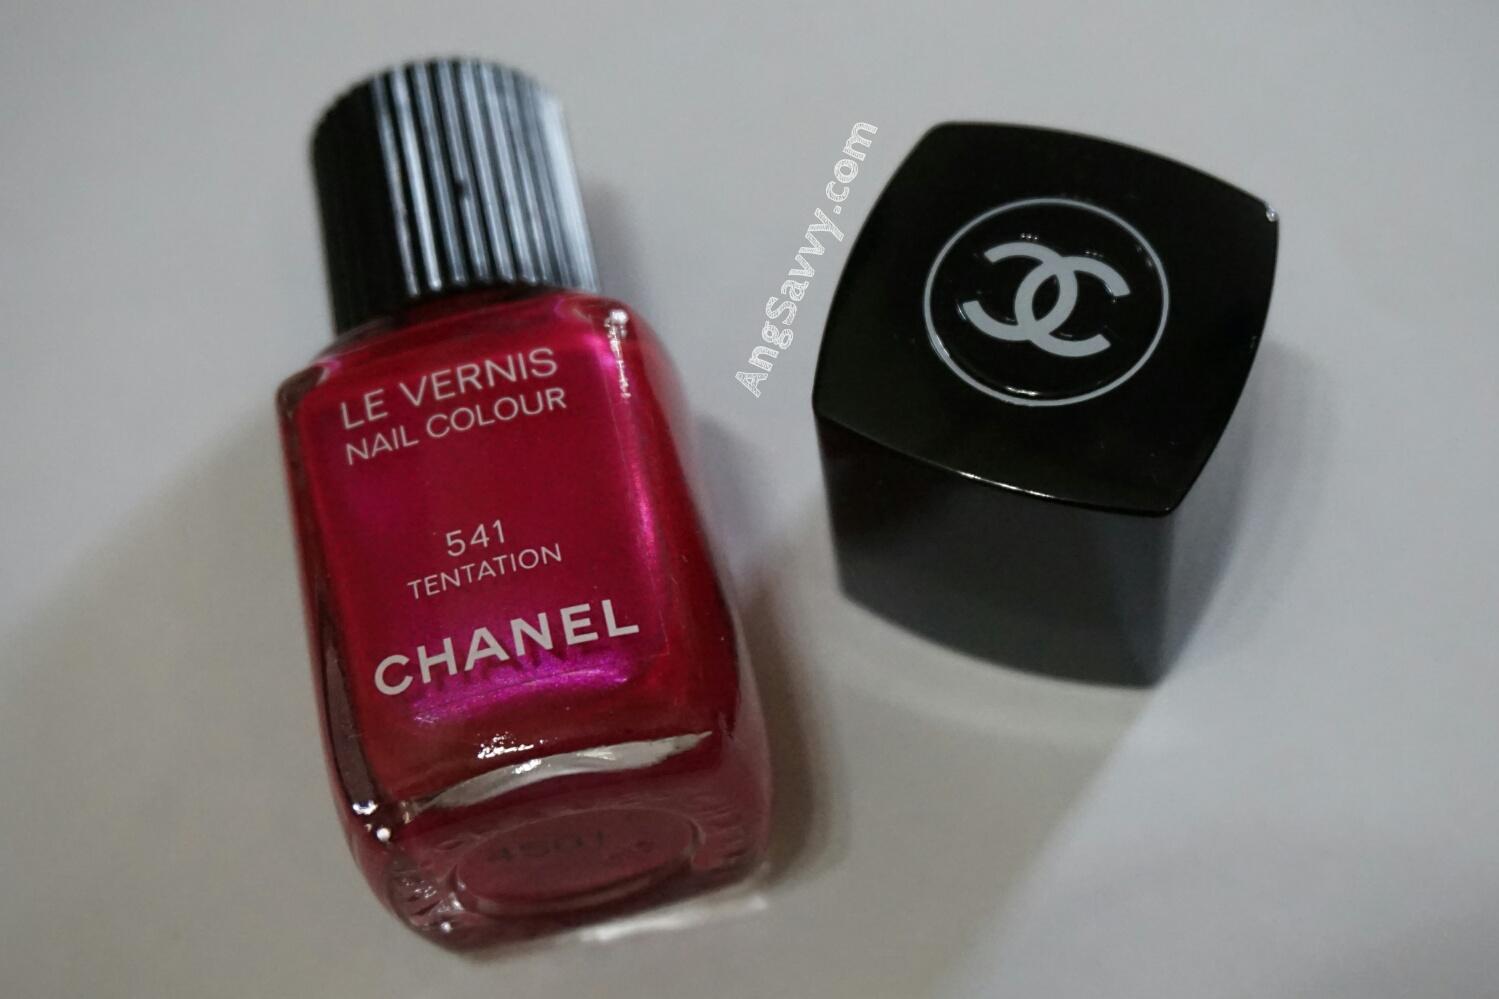 Chanel Le Vernis Nail Colour 541 Tentation